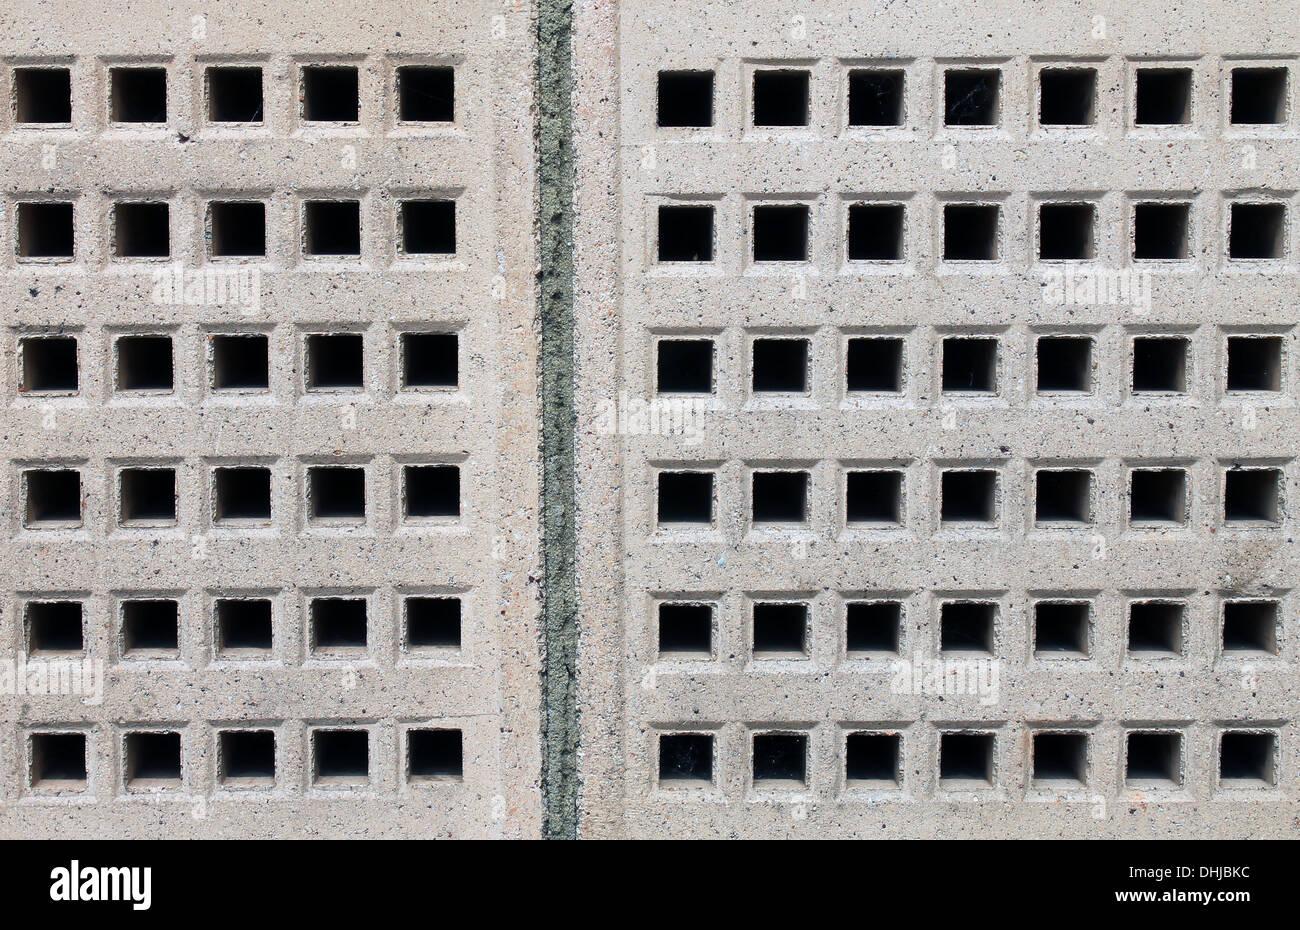 Résumé fond de briques de l'air sur l'extérieur du bâtiment. Photo Stock